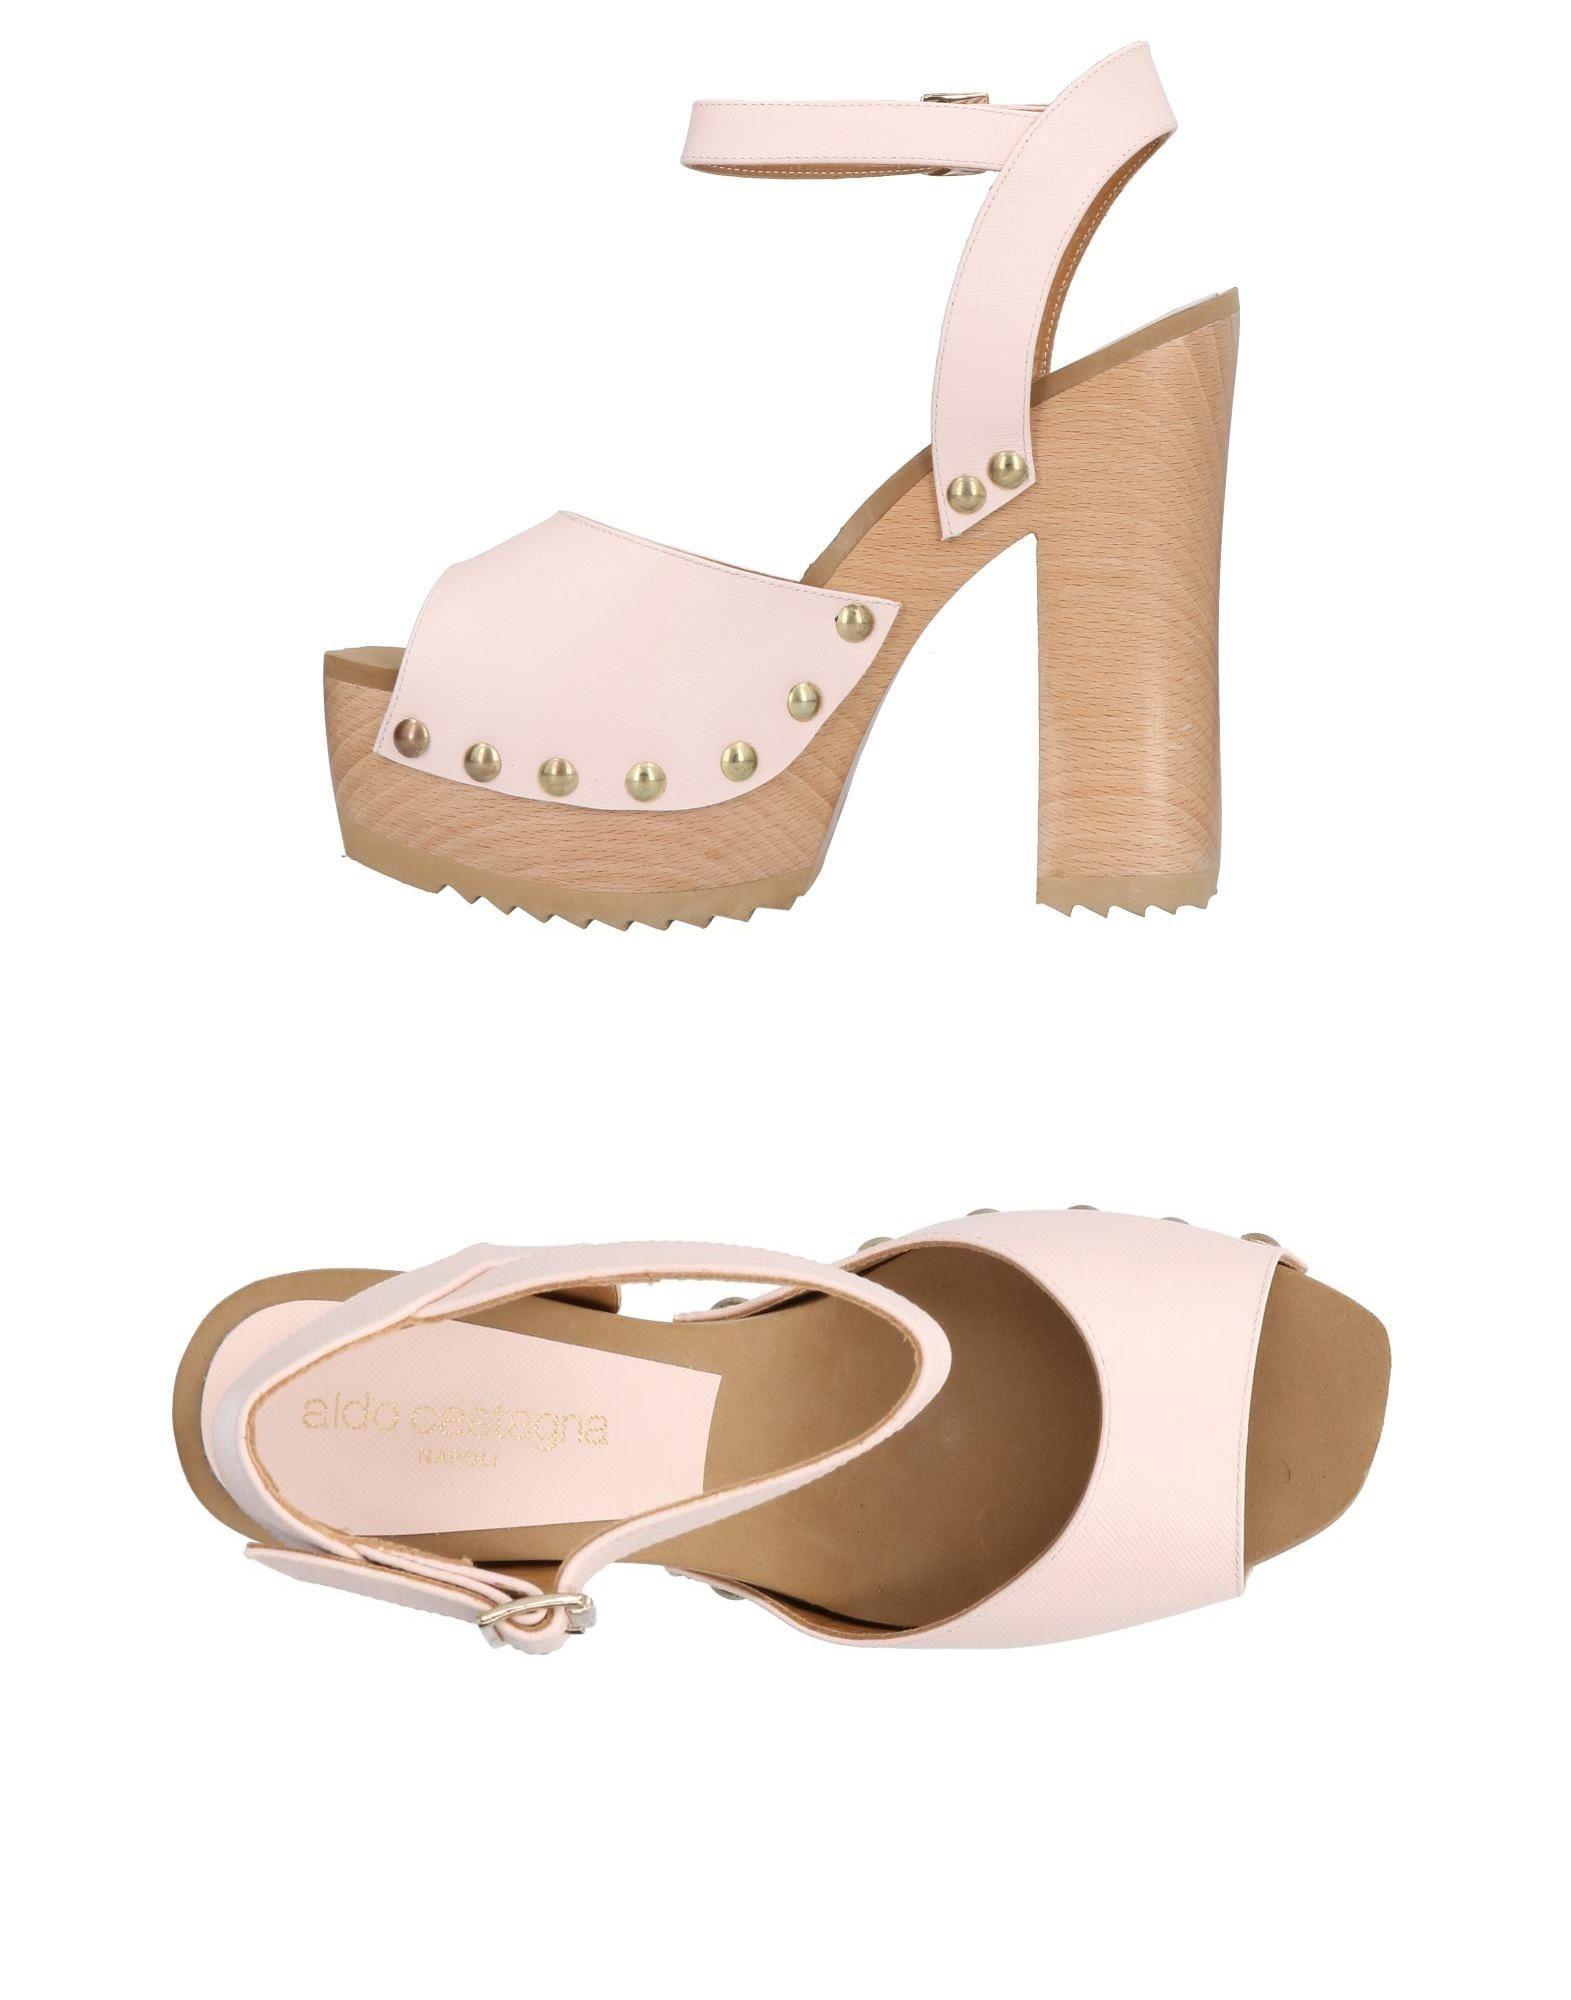 ALDO CASTAGNA Damen Sandale Farbe Hellrosa Größe 13